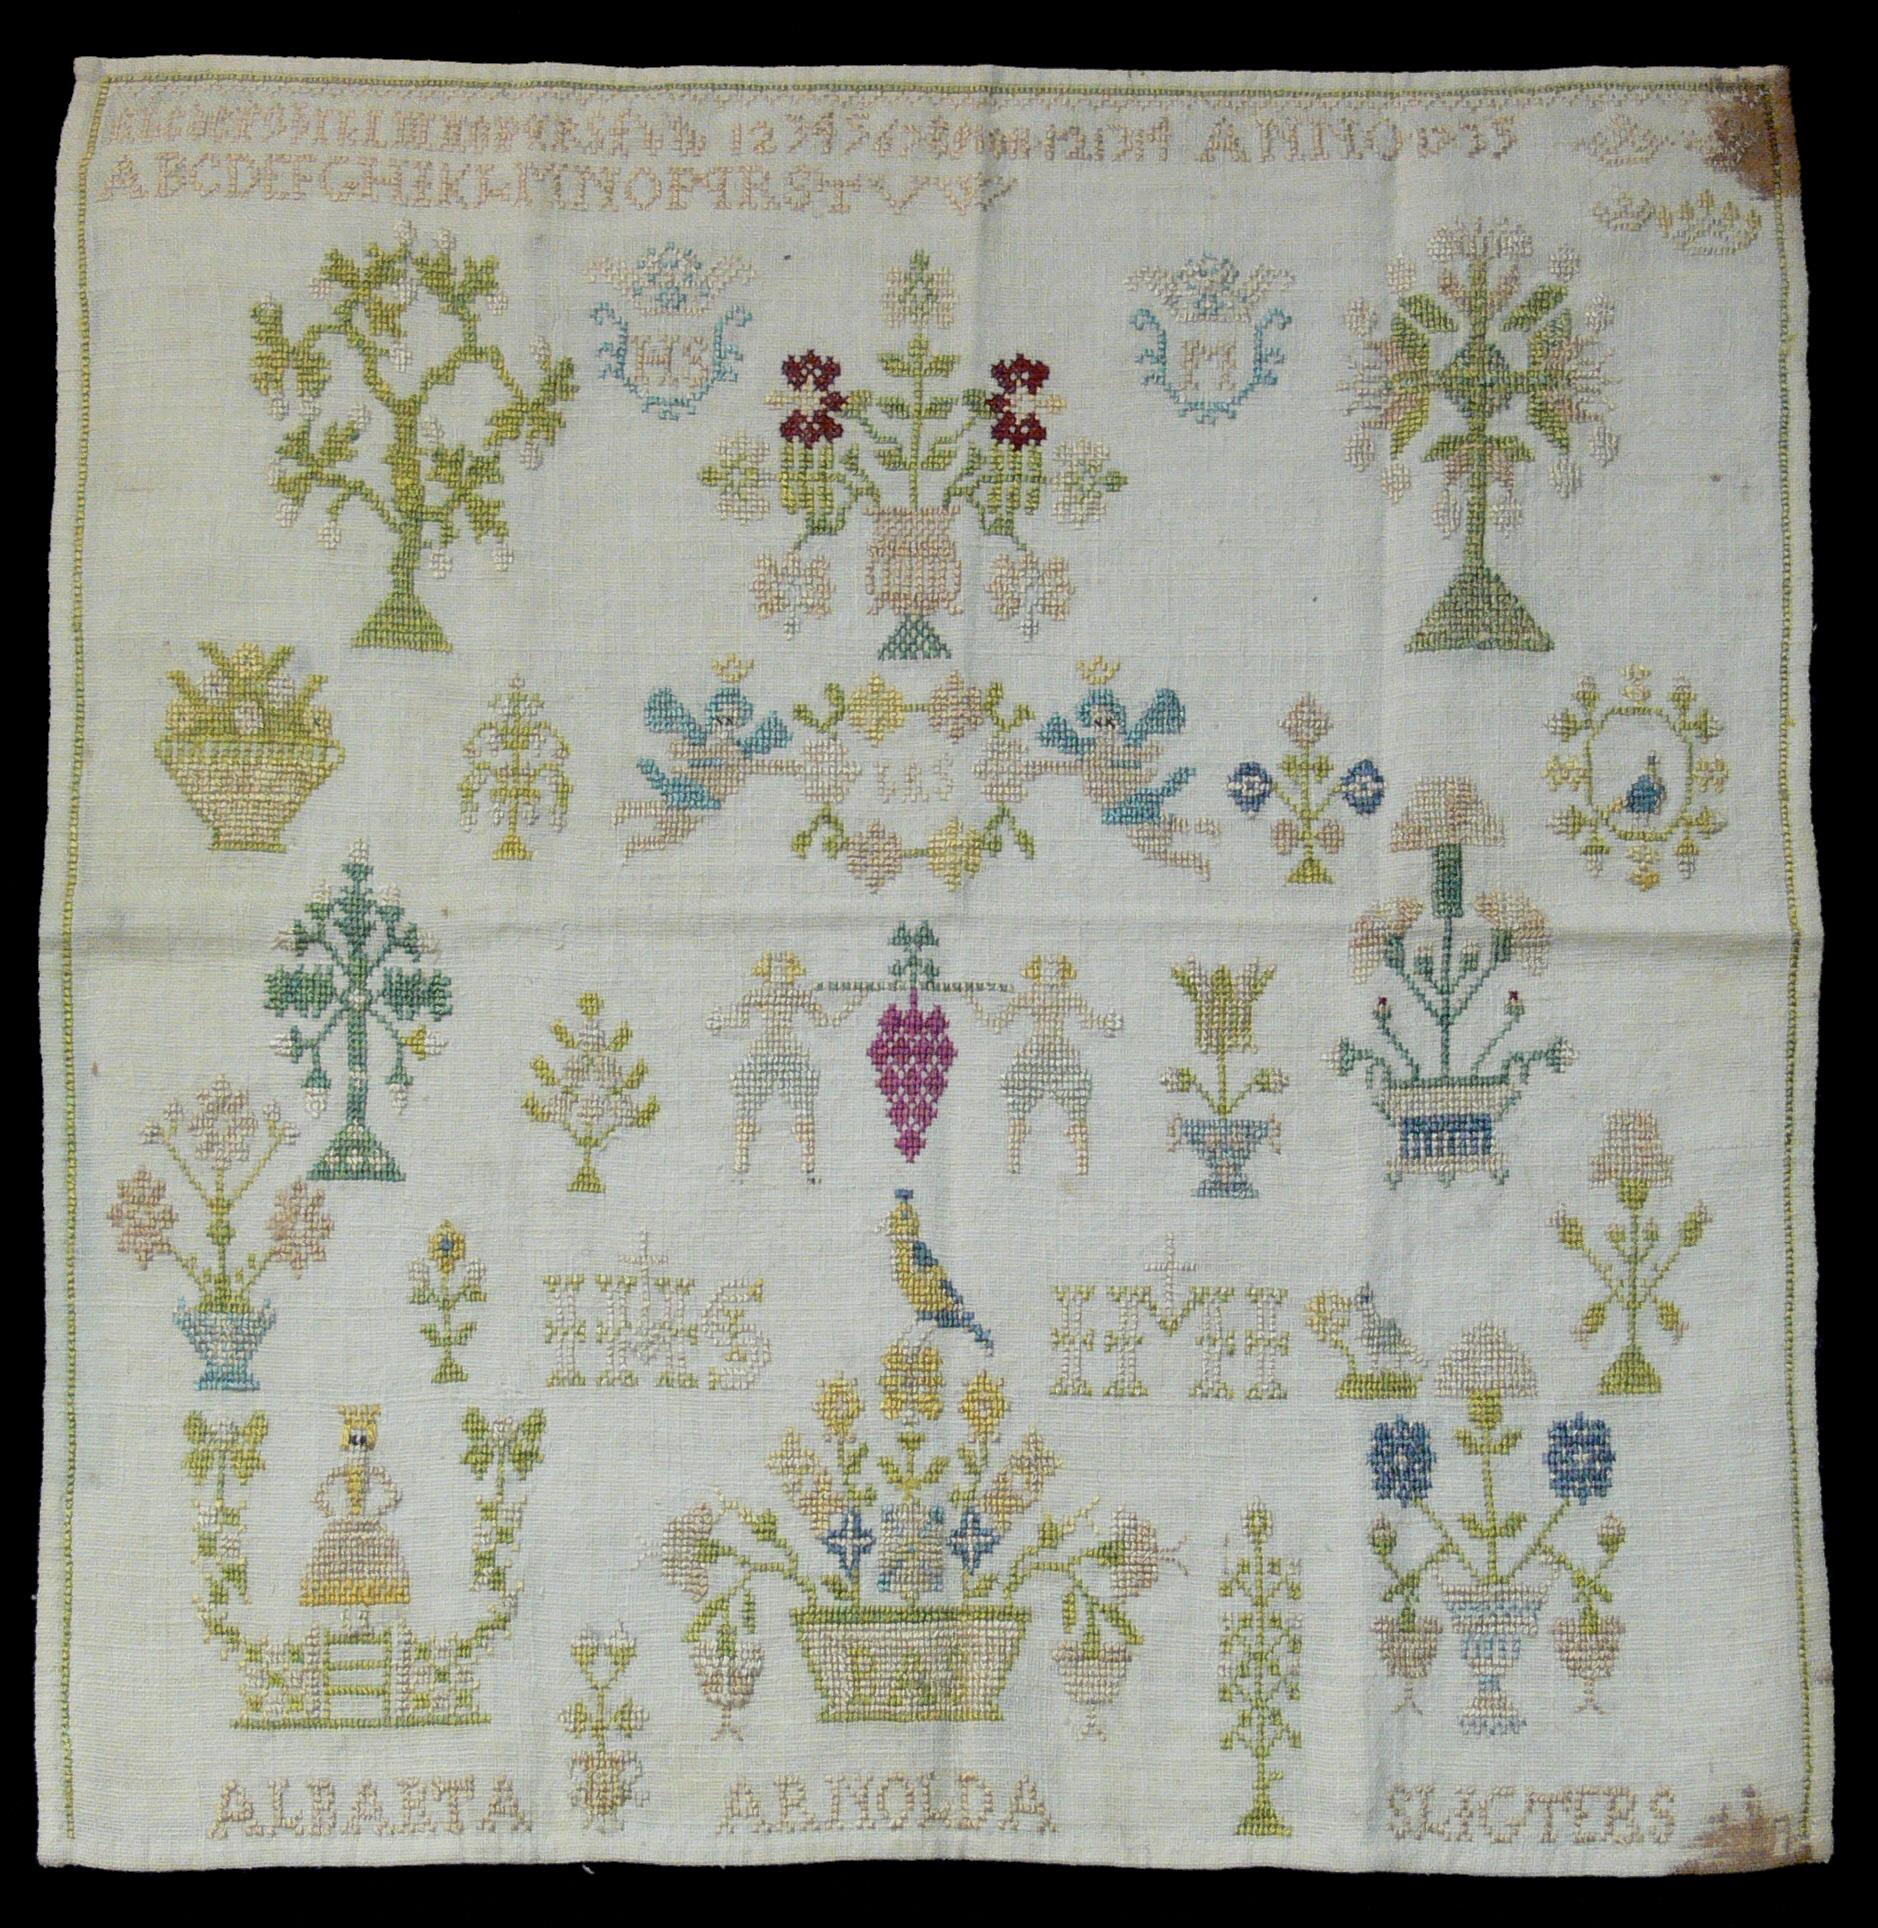 Stamped Embroidery Patterns Cross Stitch Wikipedia